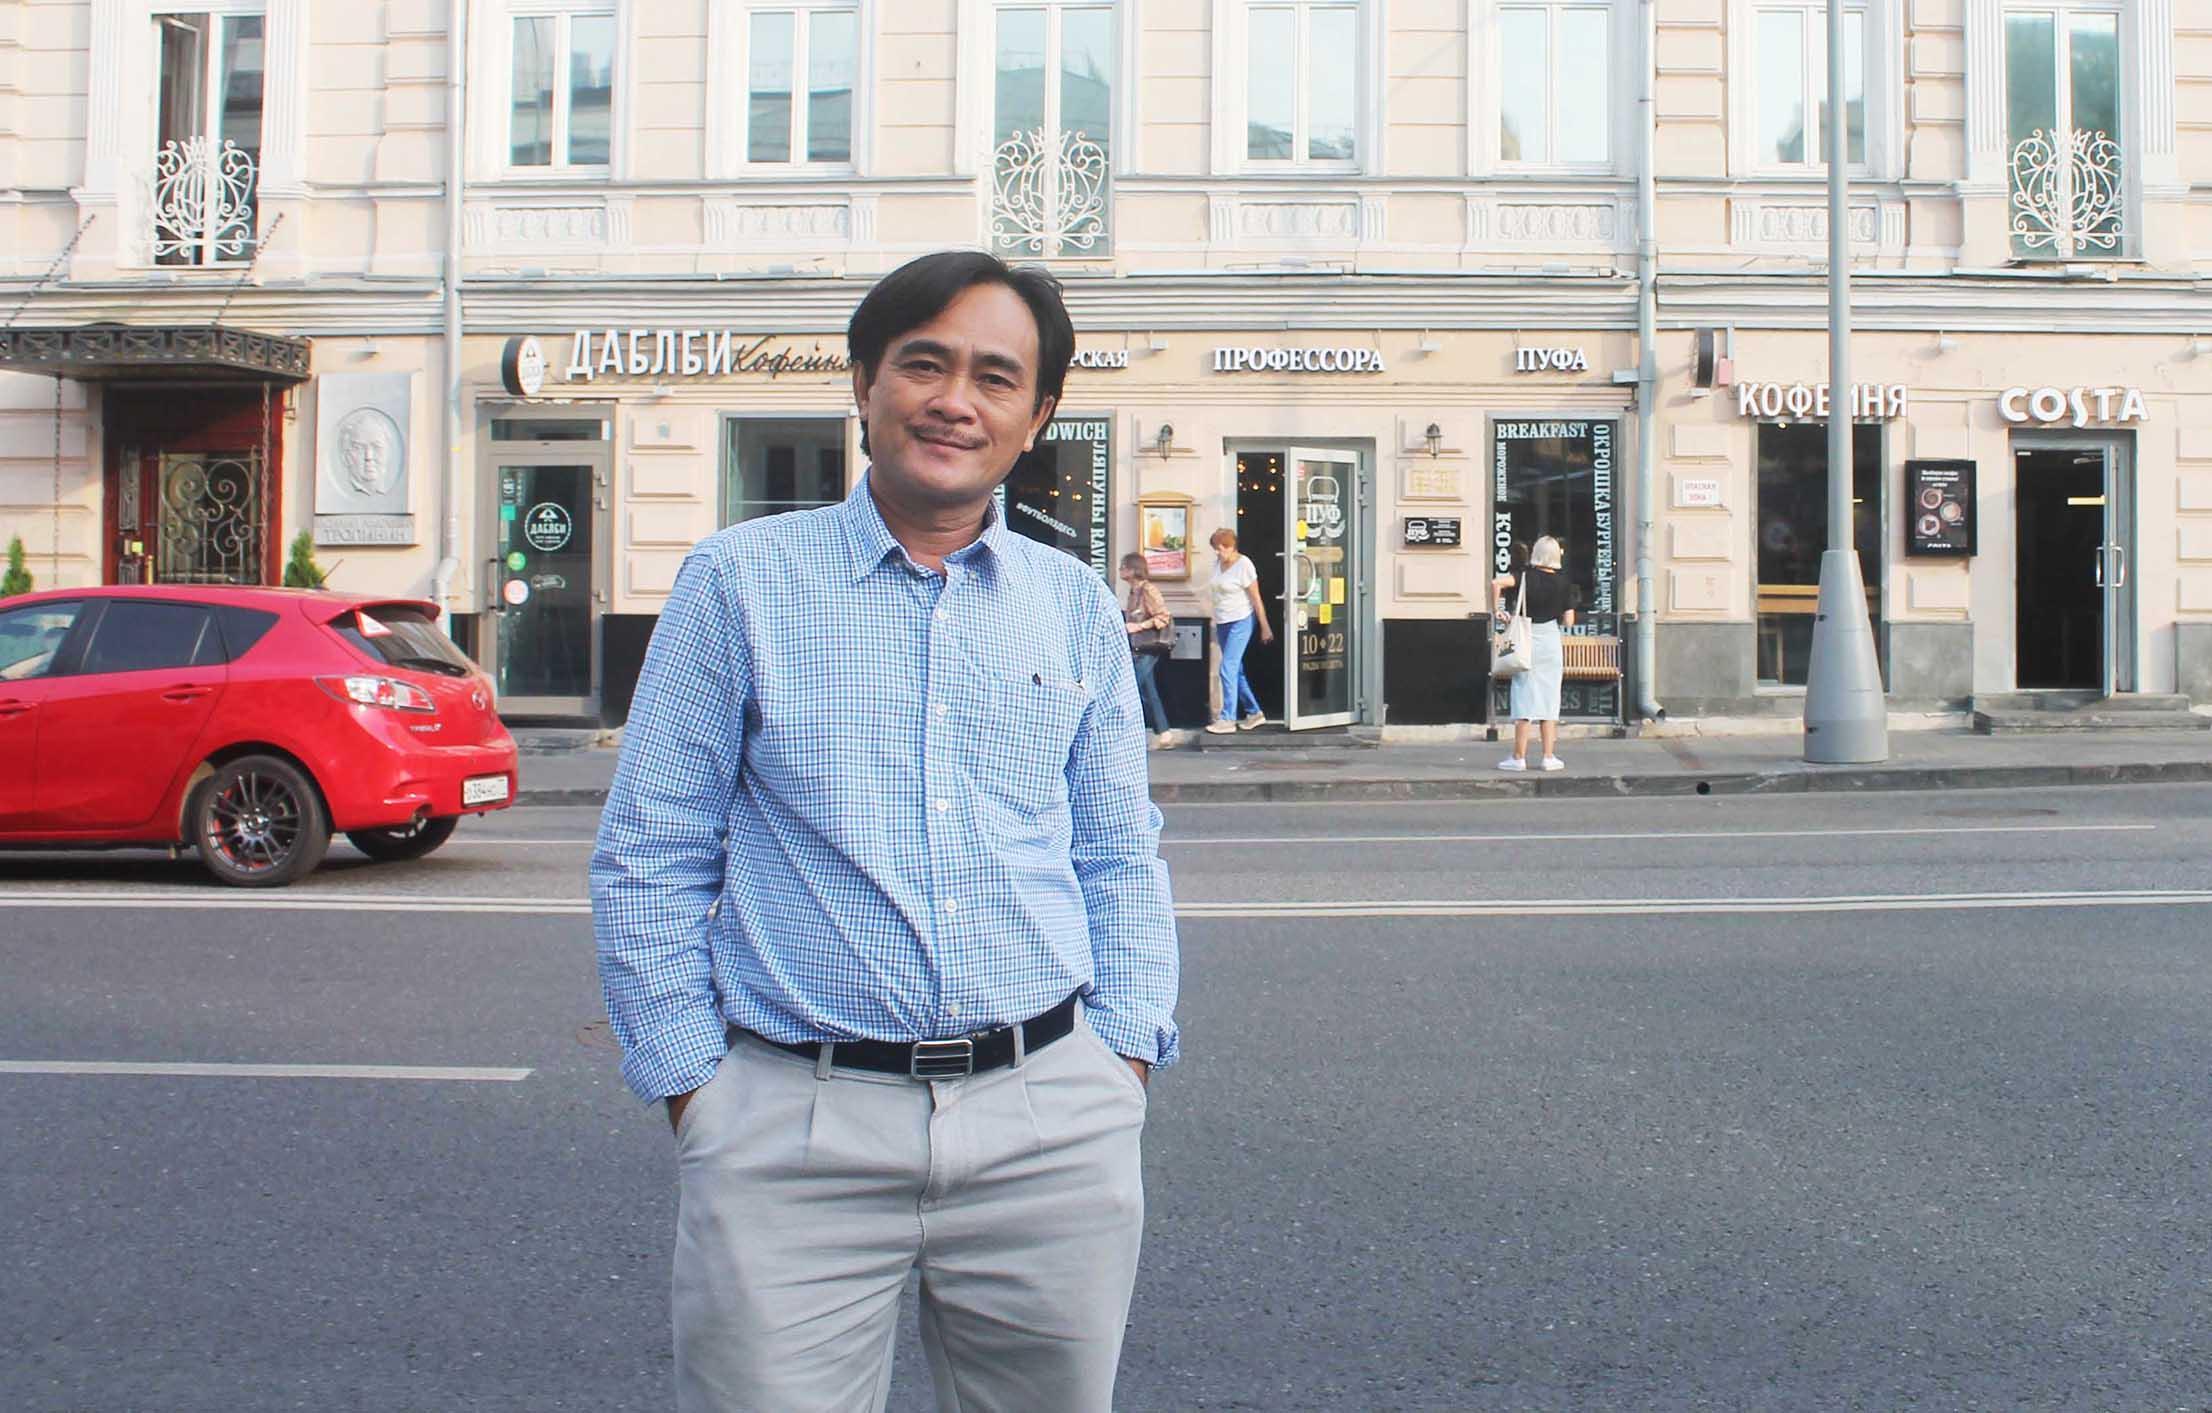 Nhà thơ Phan Hoàng: Khi con sông đổi dòng...